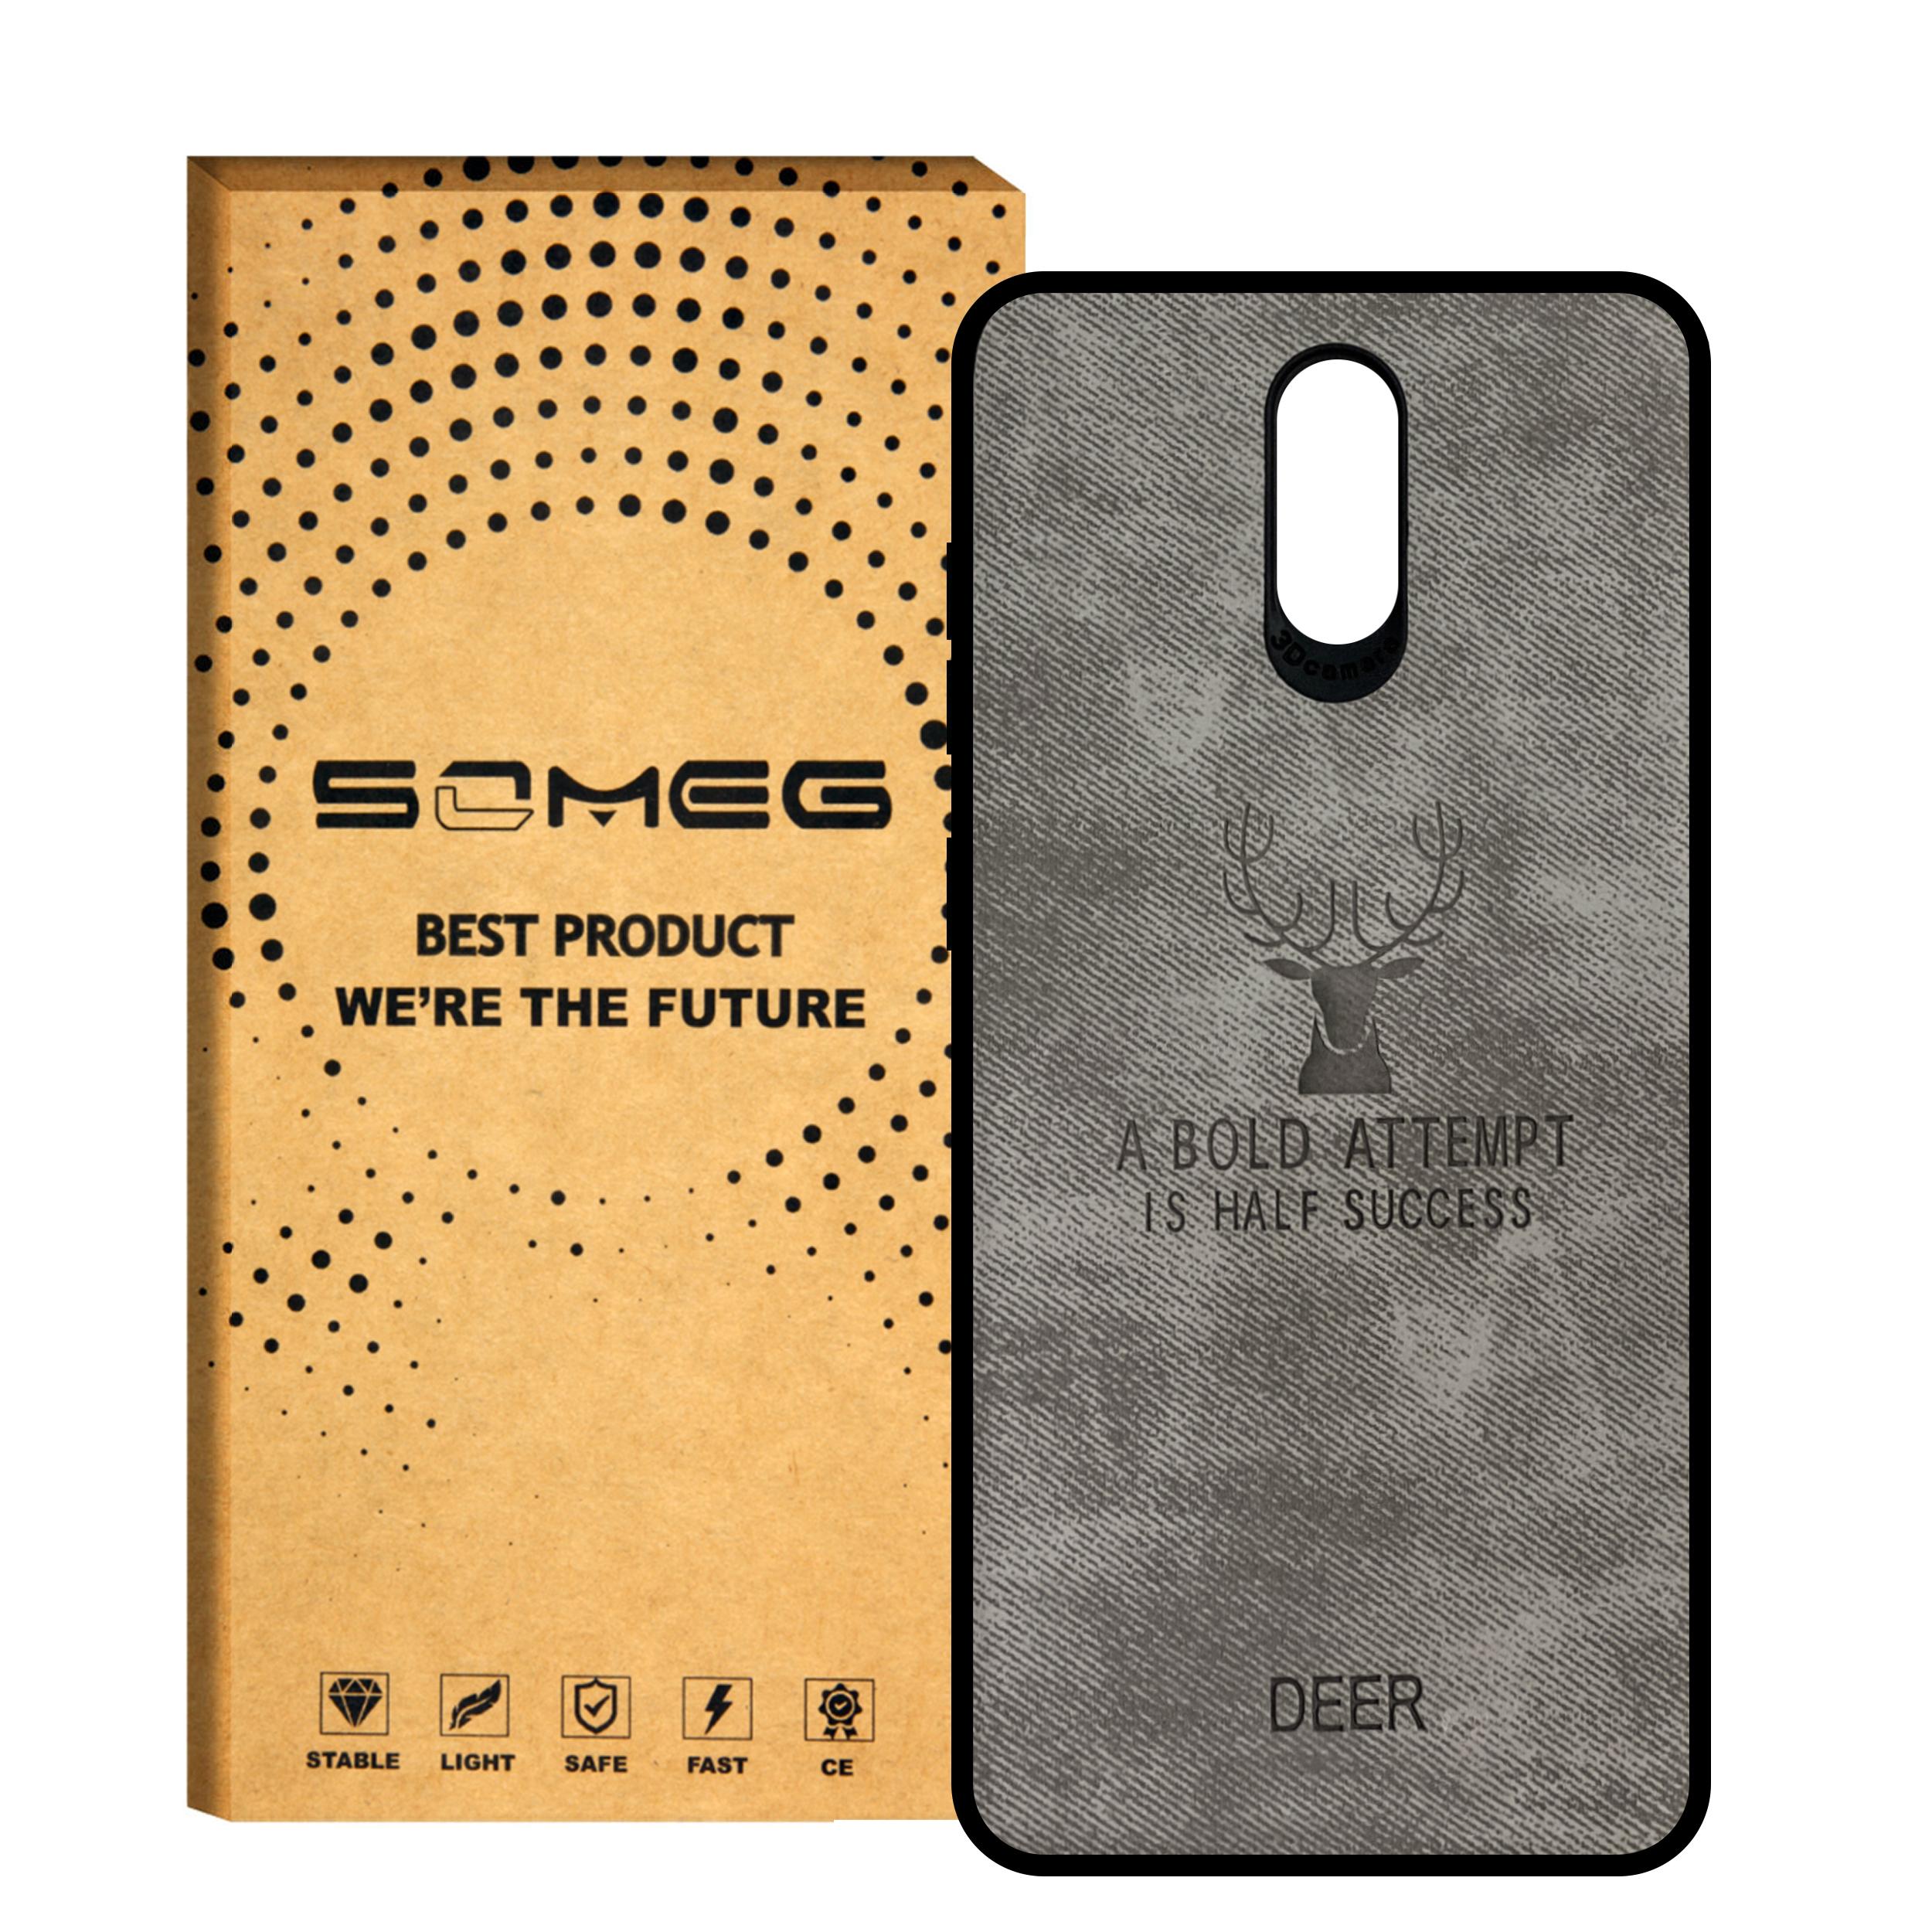 کاور سومگ مدل SMG-Der02 مناسب گوشی موبایل نوکیا 2.3              ( قیمت و خرید)